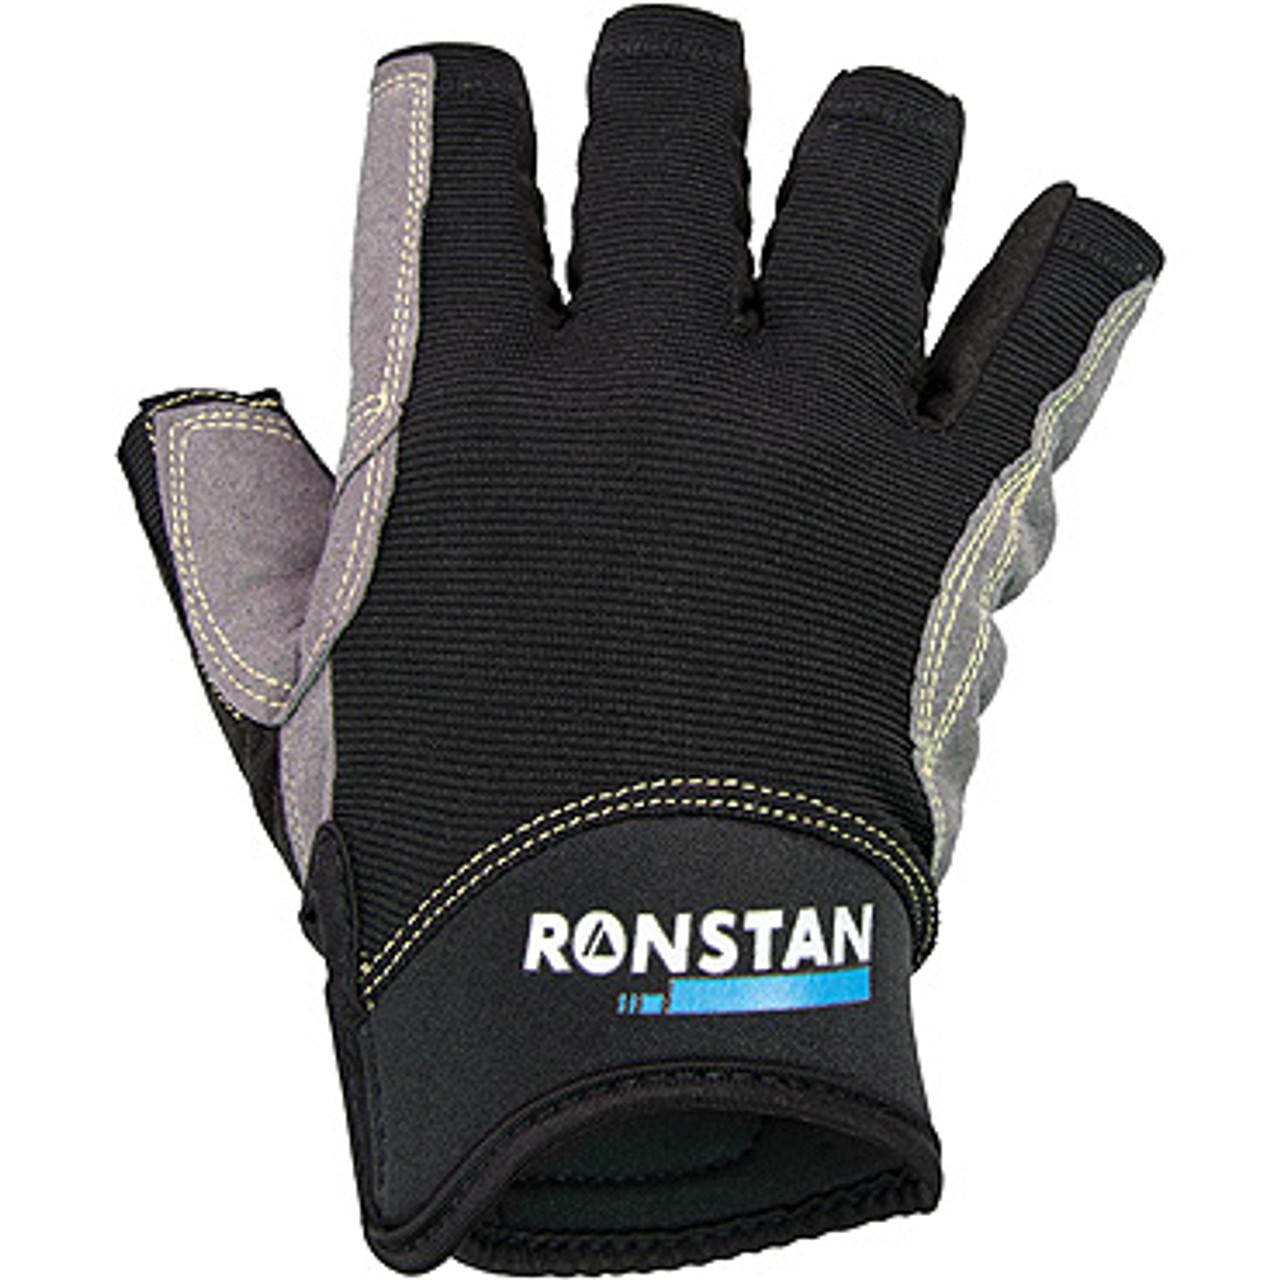 Gloves - Ronstan Fingerless XSmall